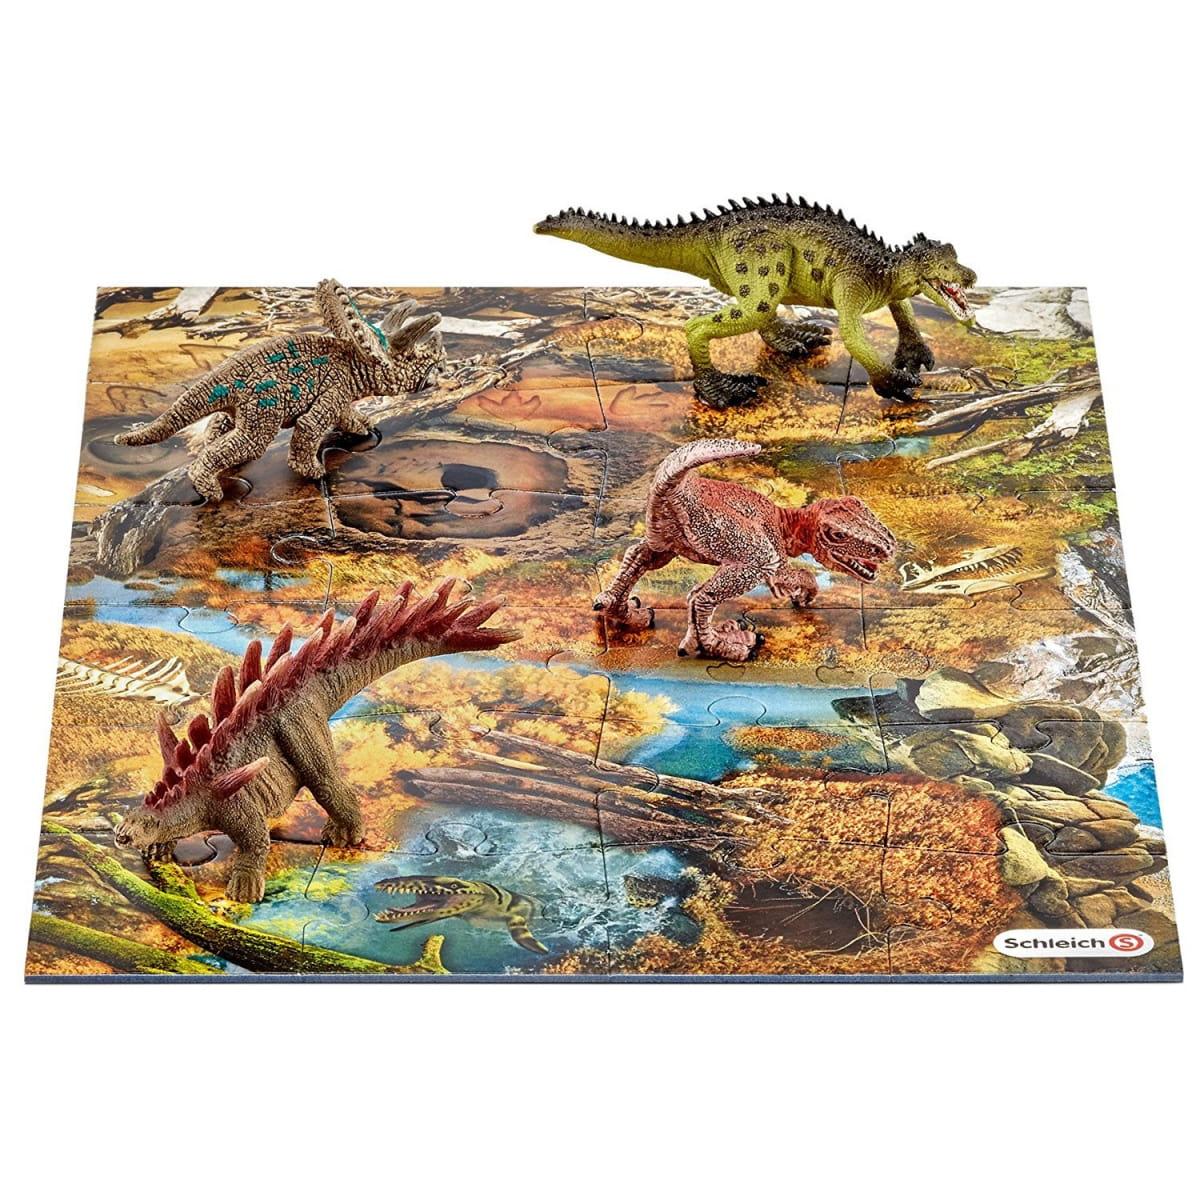 Игровой набор Schleich 42331 Мини-динозавры и пазл Заводь